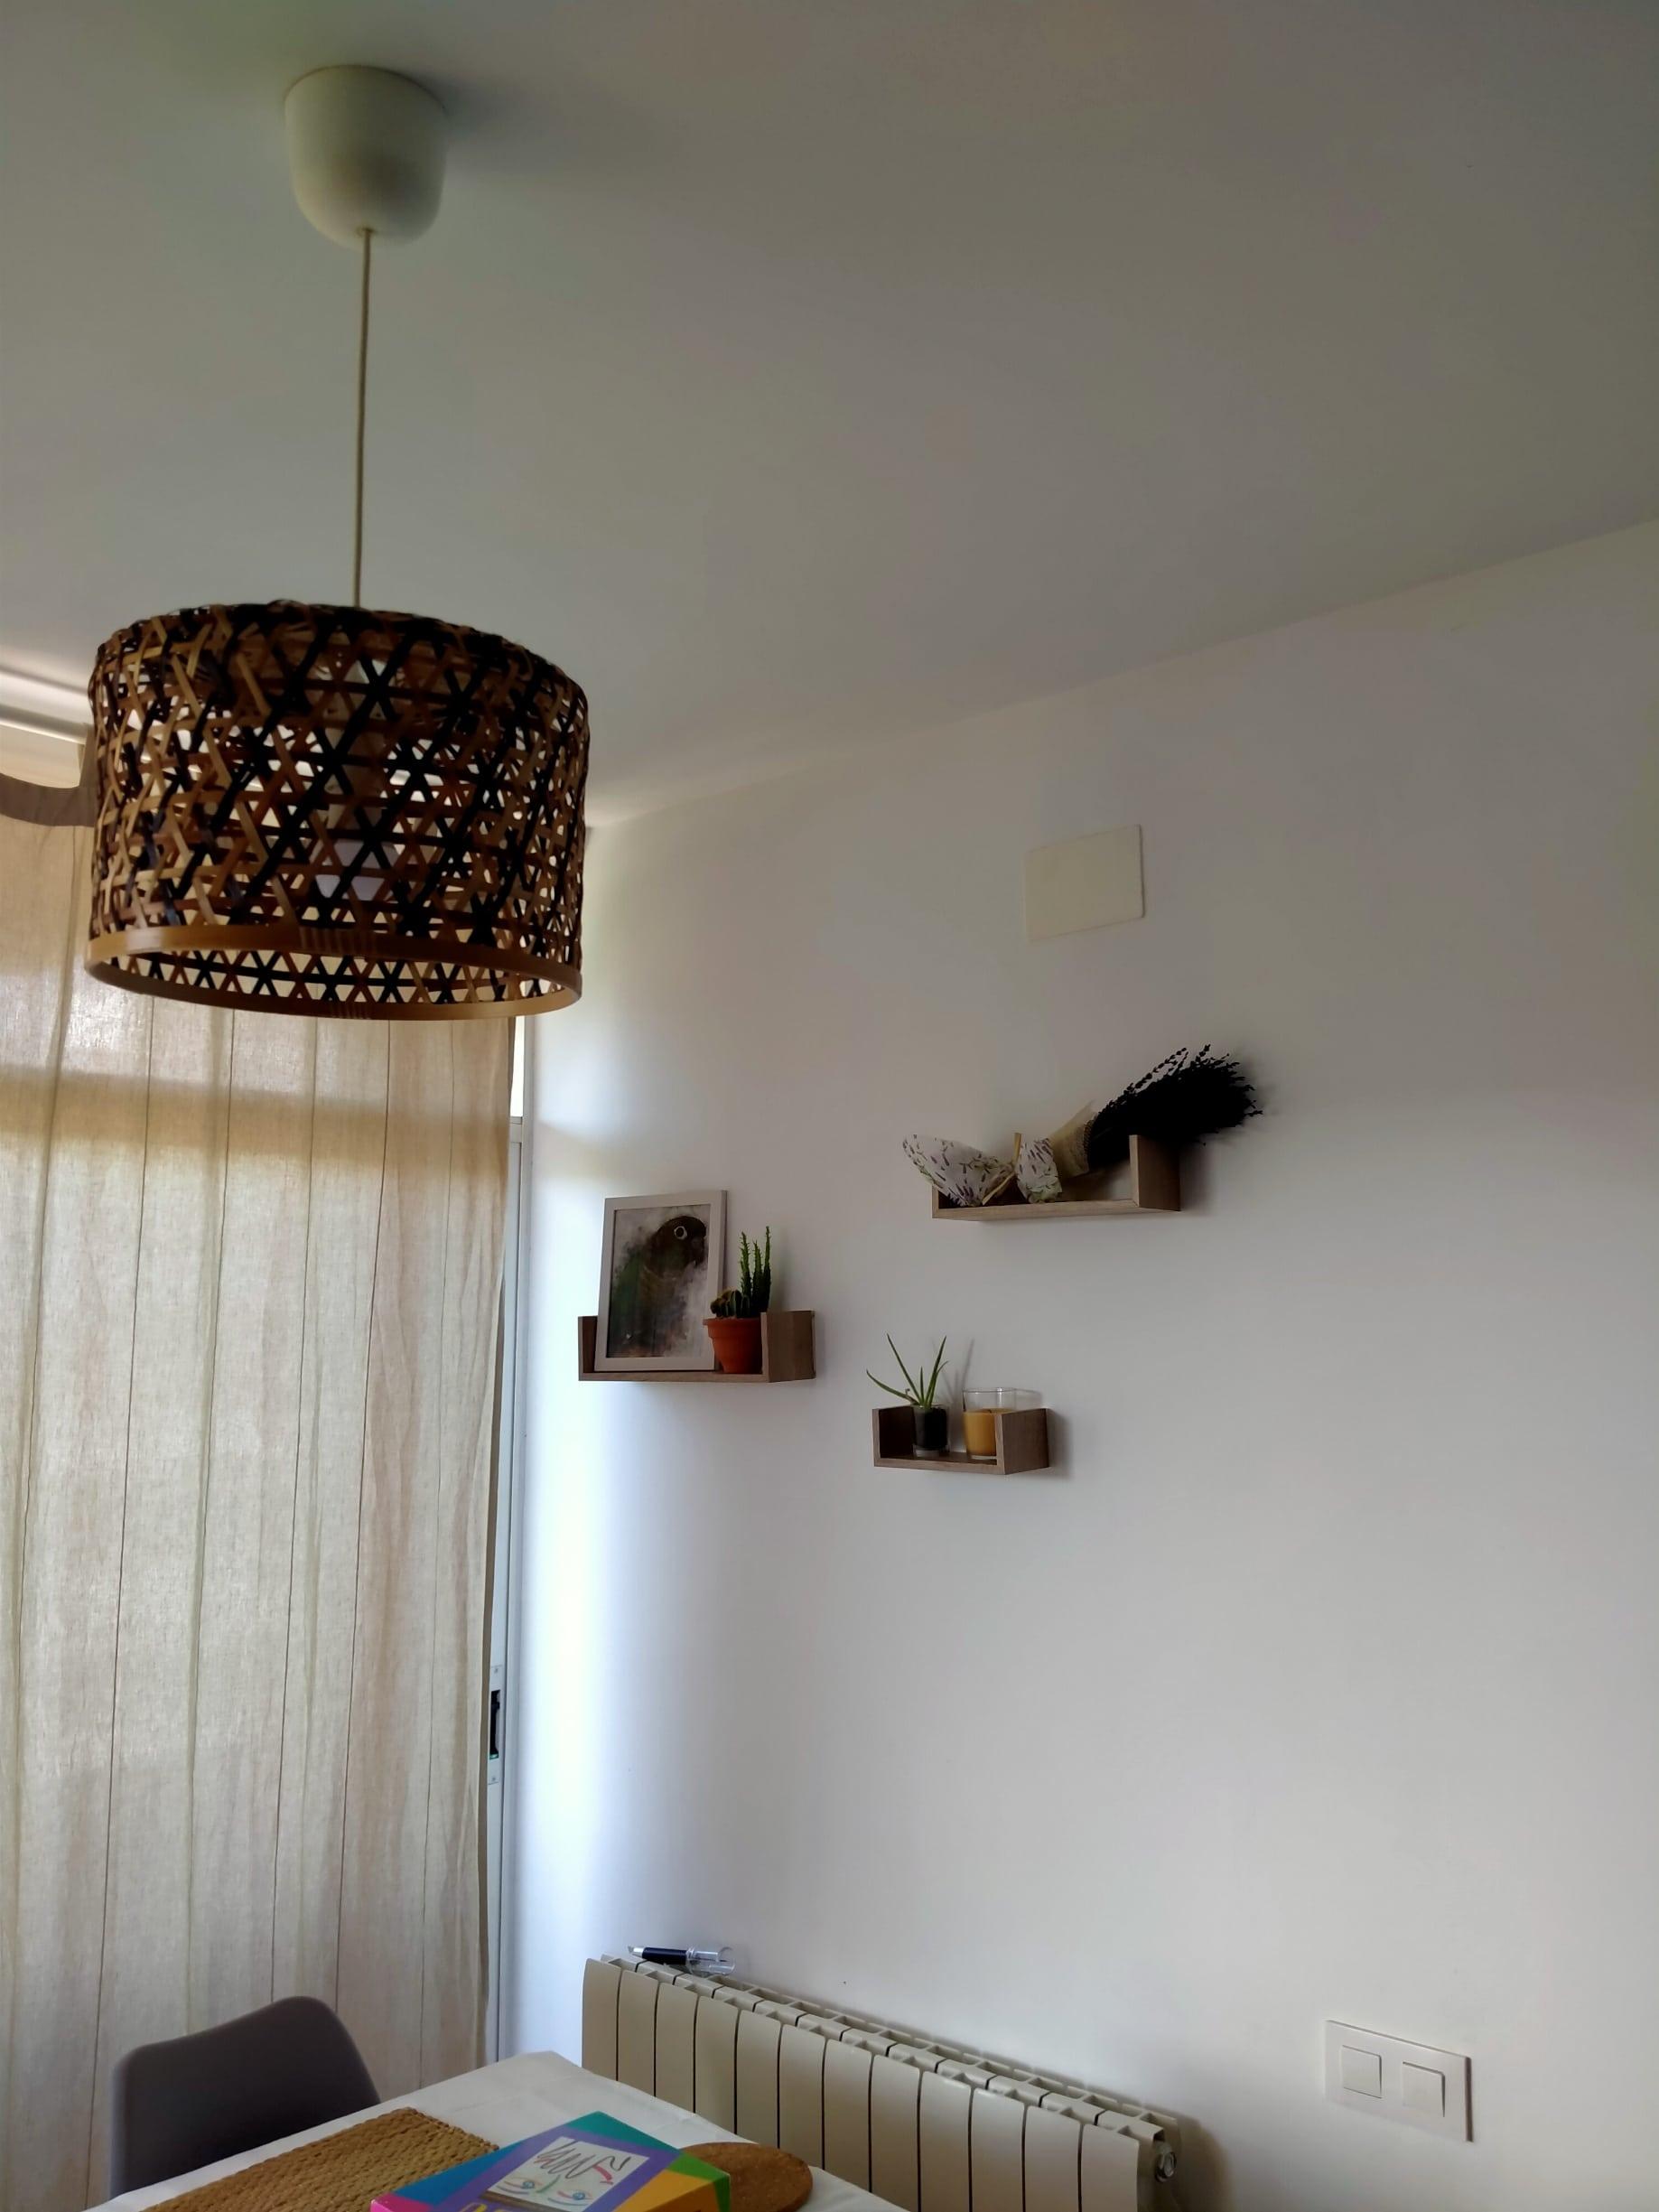 Mejoramos una lámpara del Ikea por muy poco dinero